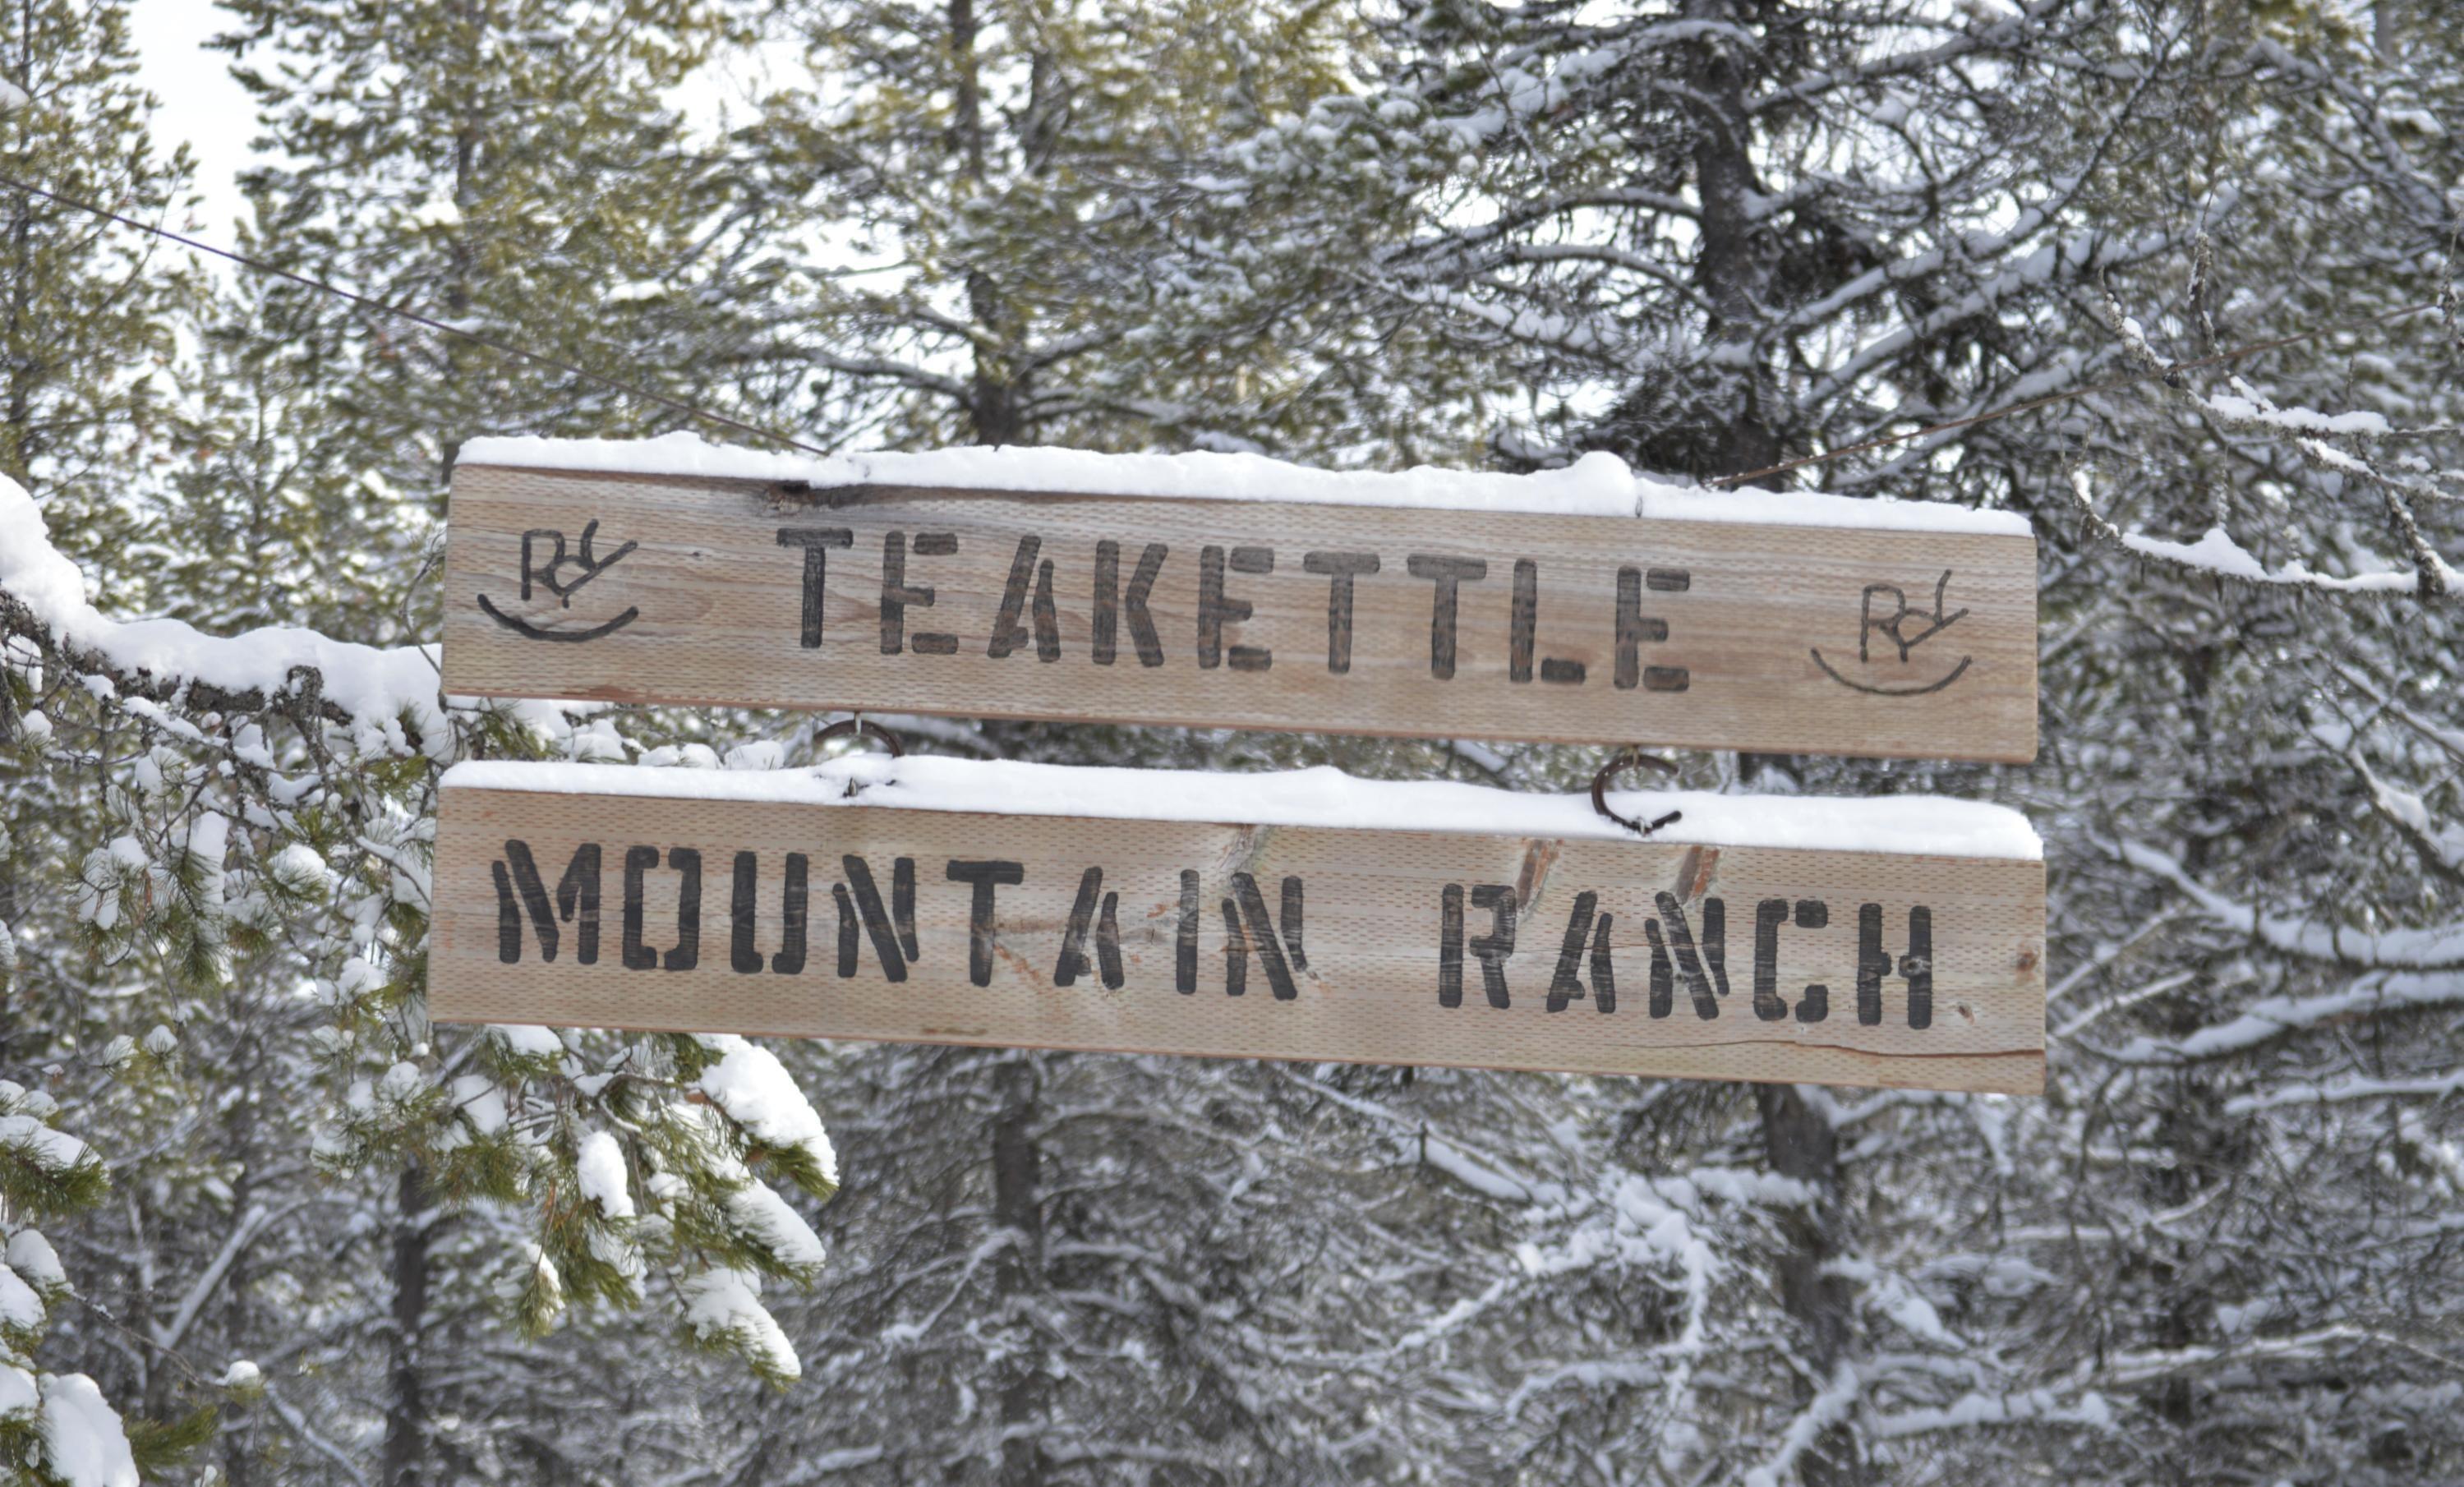 5995 Teakettle Road, Columbia Falls, MT 59912